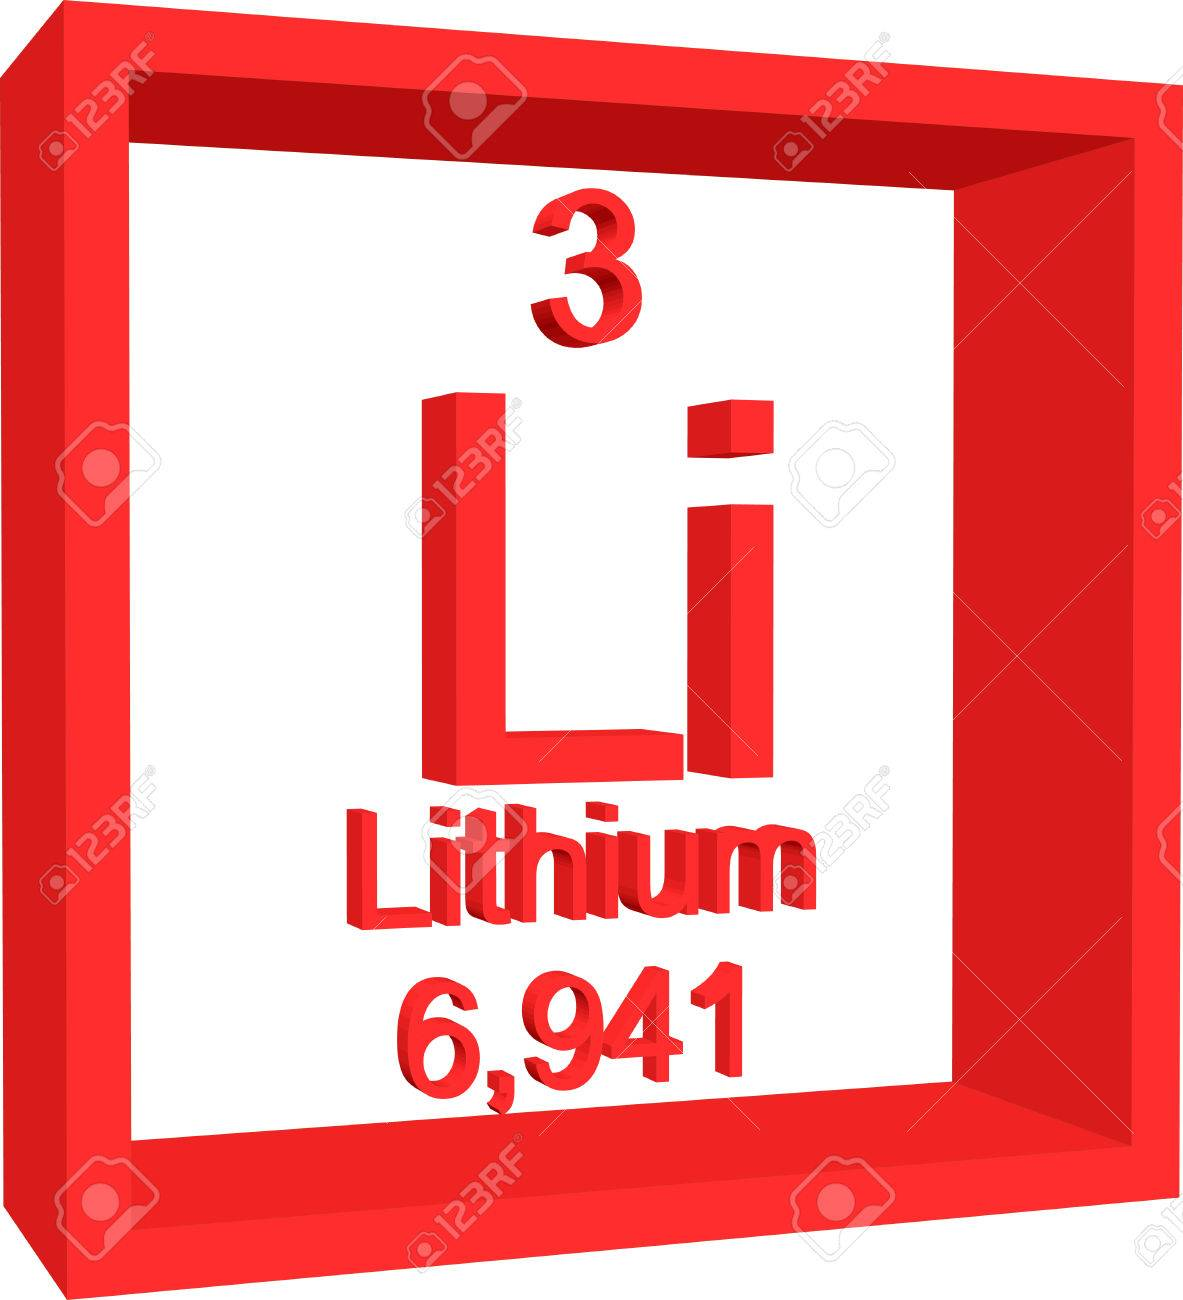 foto de archivo tabla peridica de los elementos litio - Tabla Periodica Litio